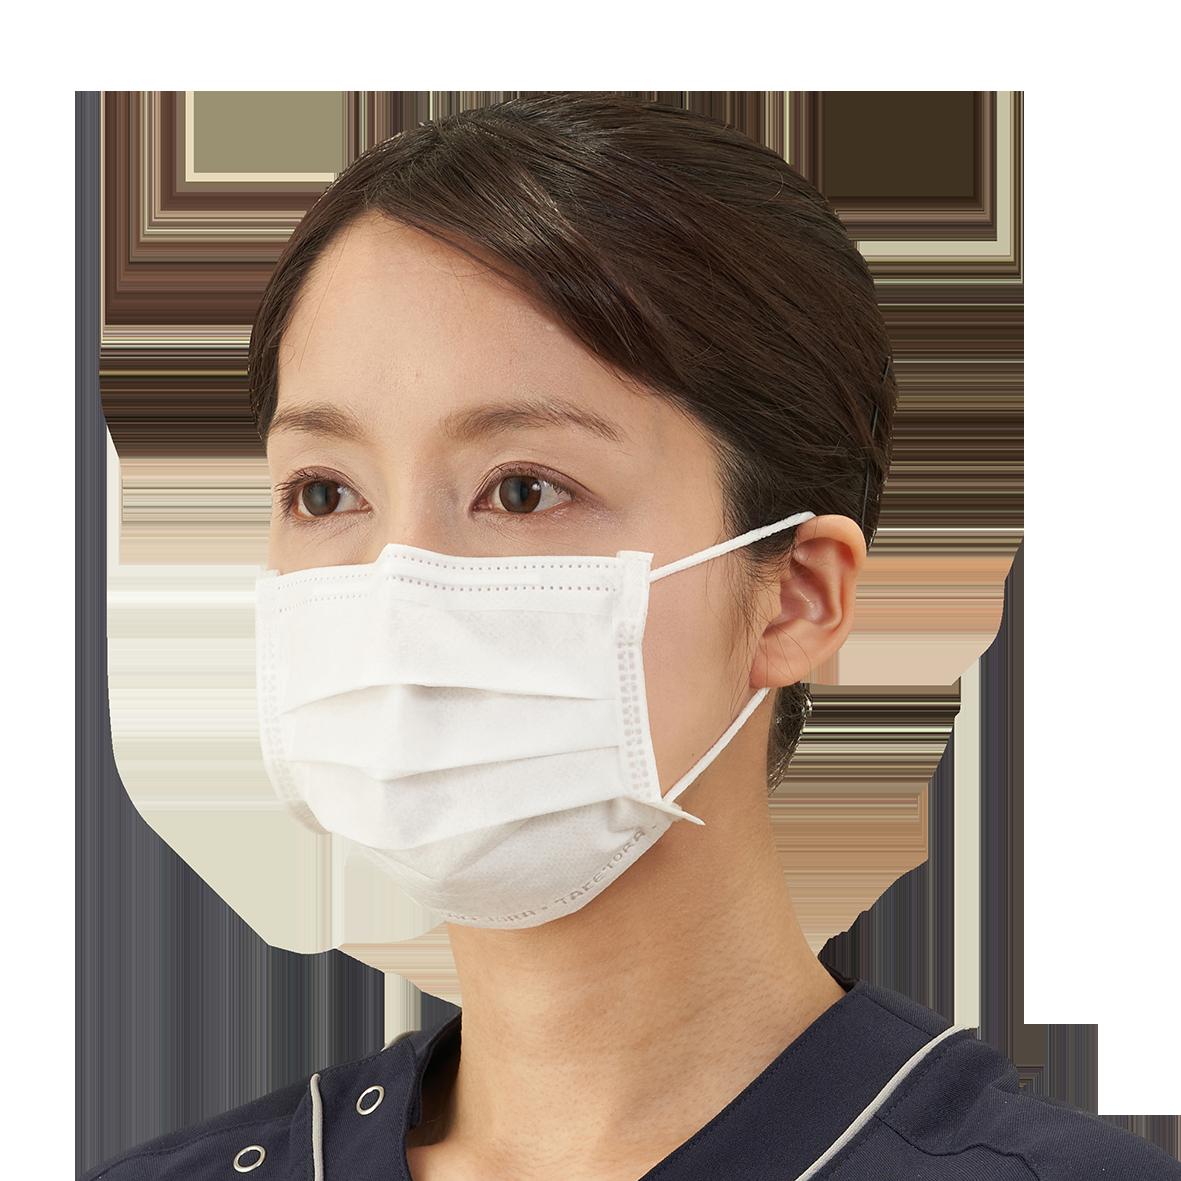 ディスポマスク2枚入自販機用/小児用(マスク自販機対応)